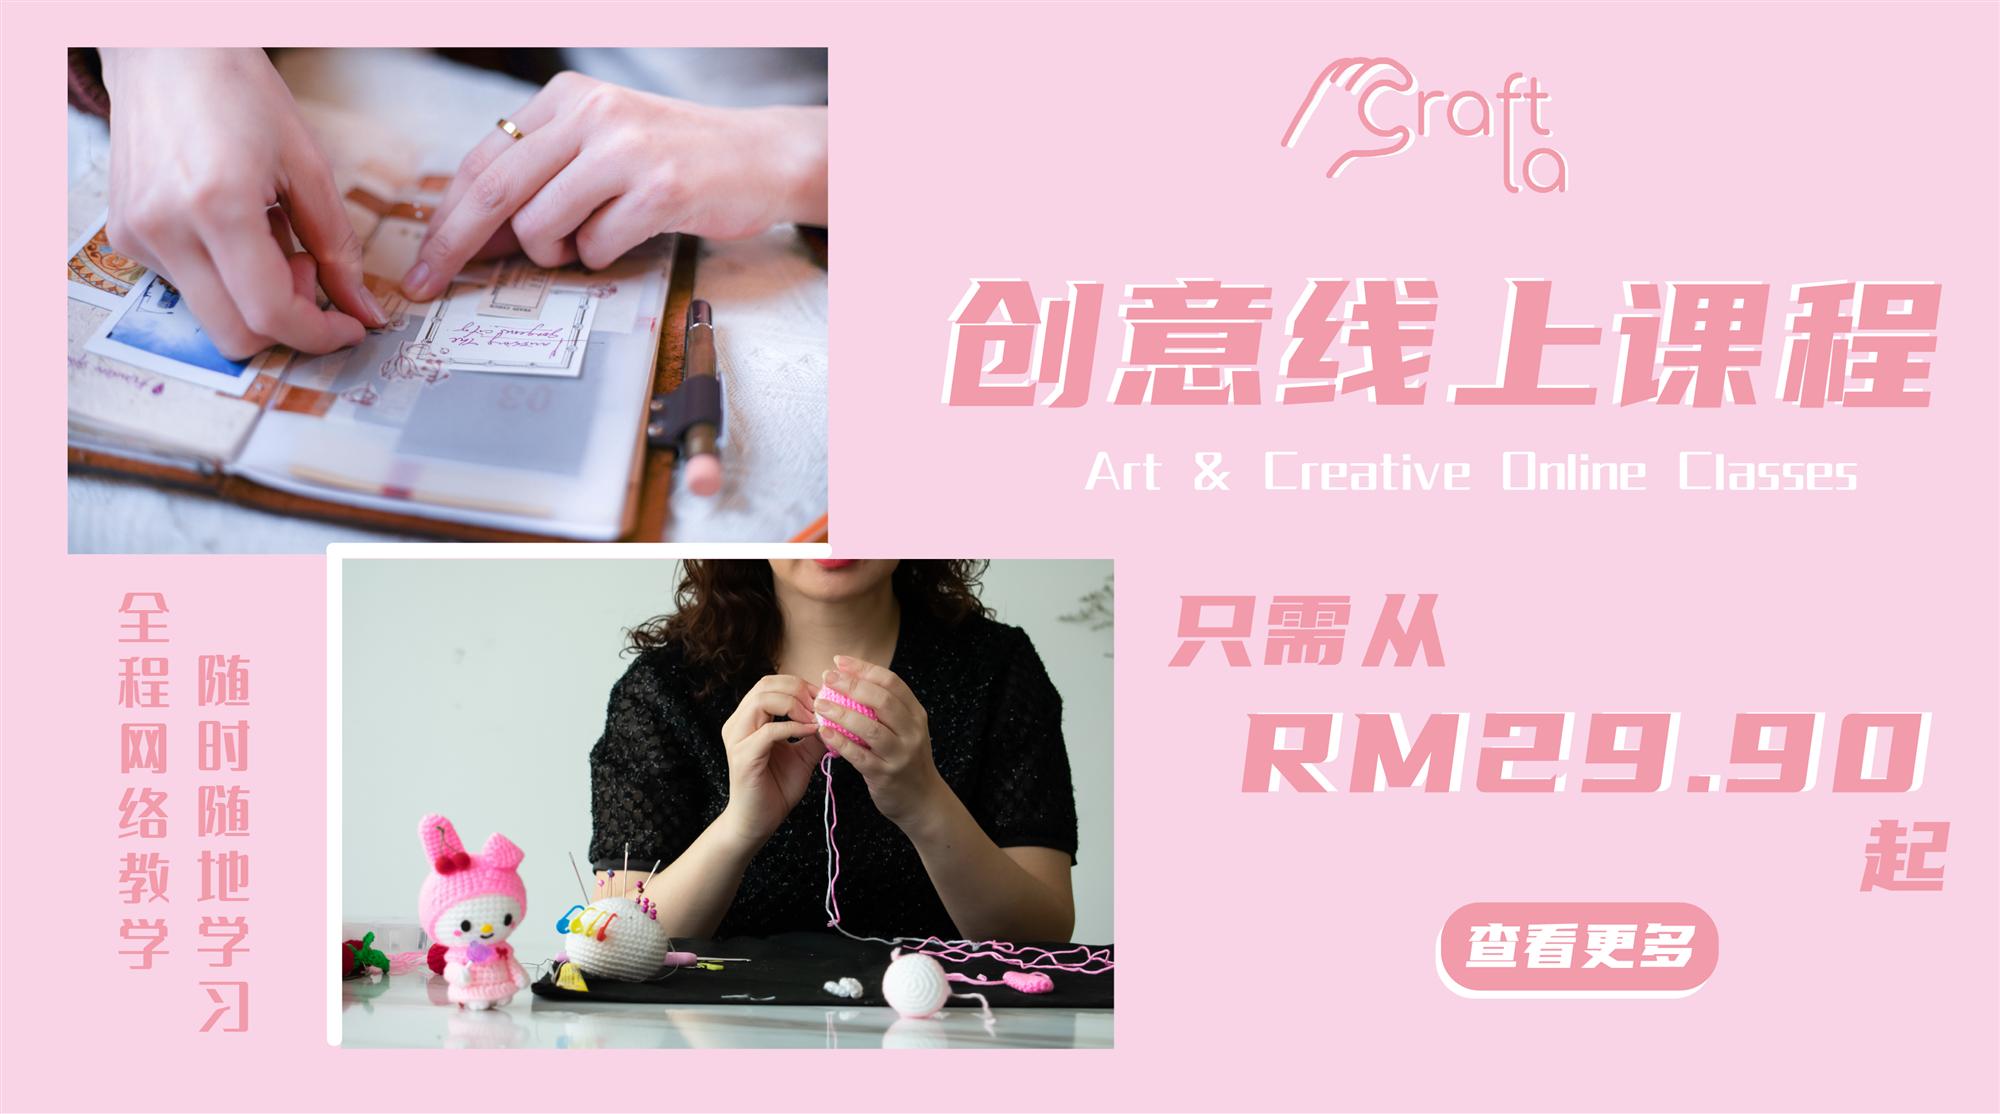 马来西亚创意线上课程 Craftla X 文誌JadeMag